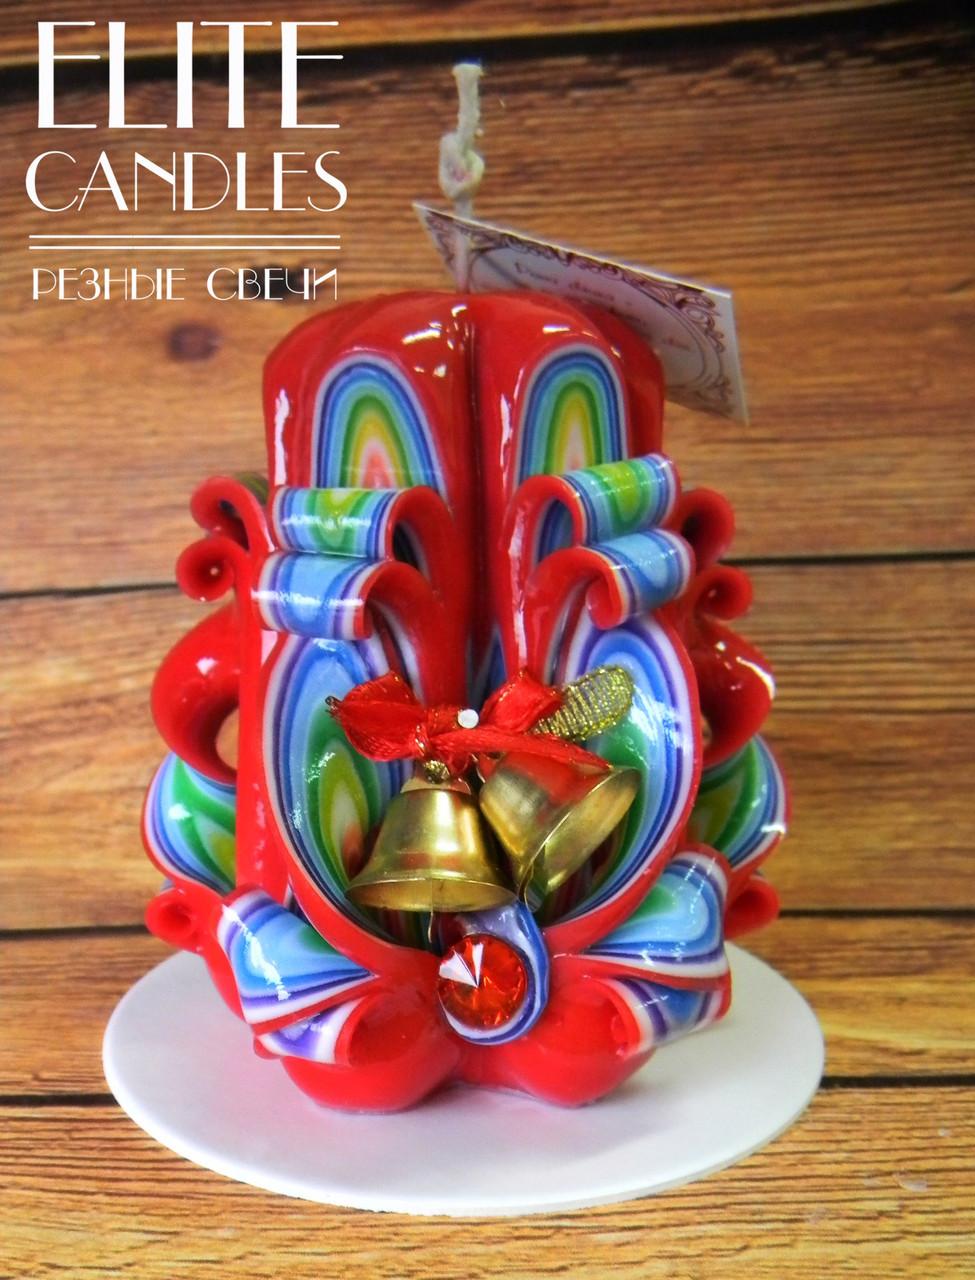 Резная свеча украшена колокольчиками, красиво подобраны новогодние цвета, классно подходит для подарков